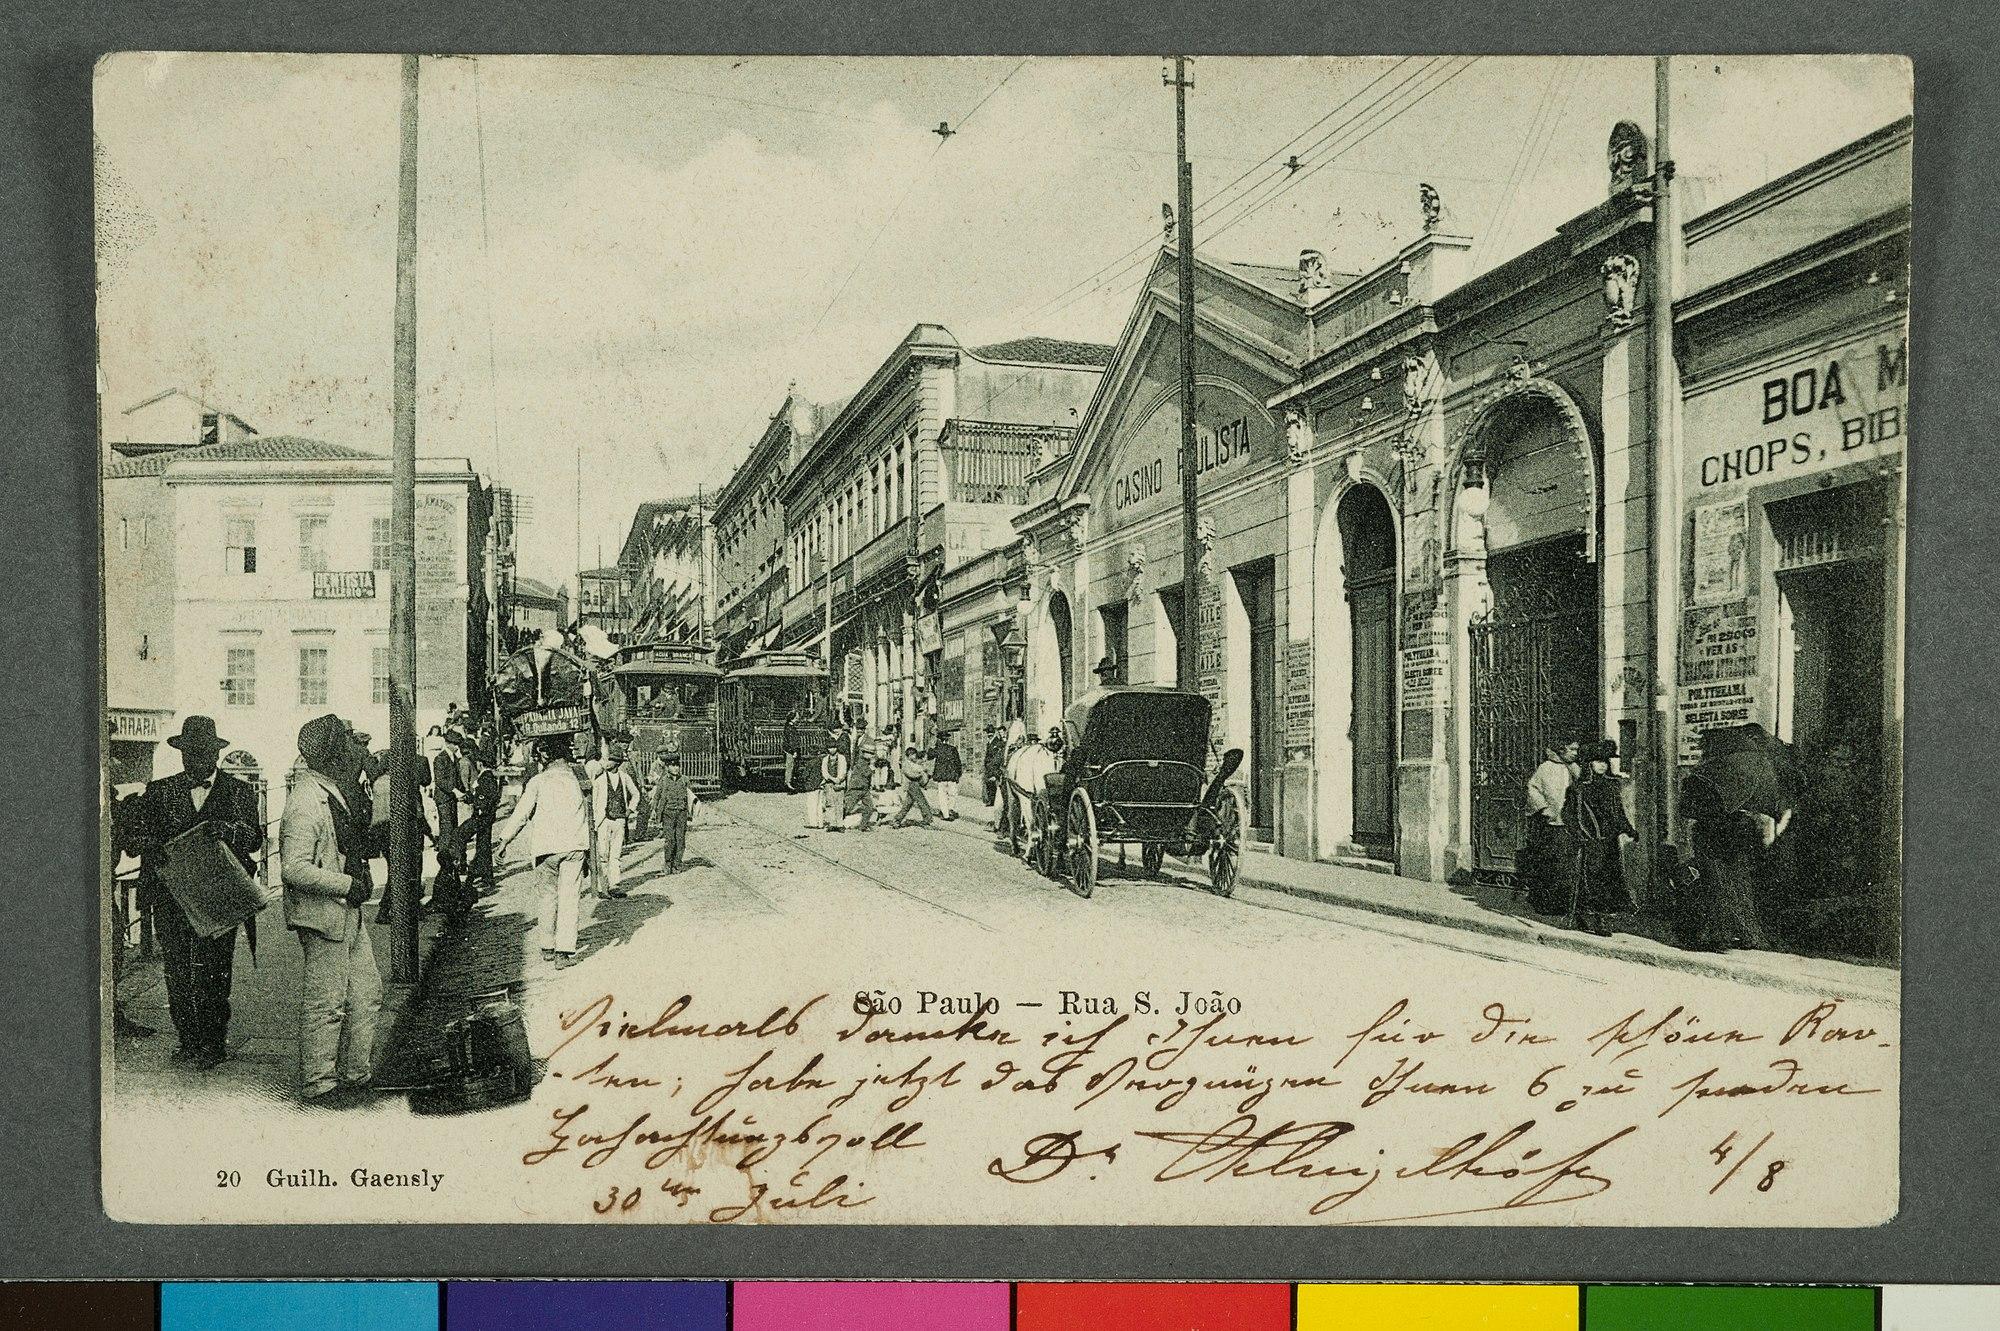 São Paulo - Rua S. João